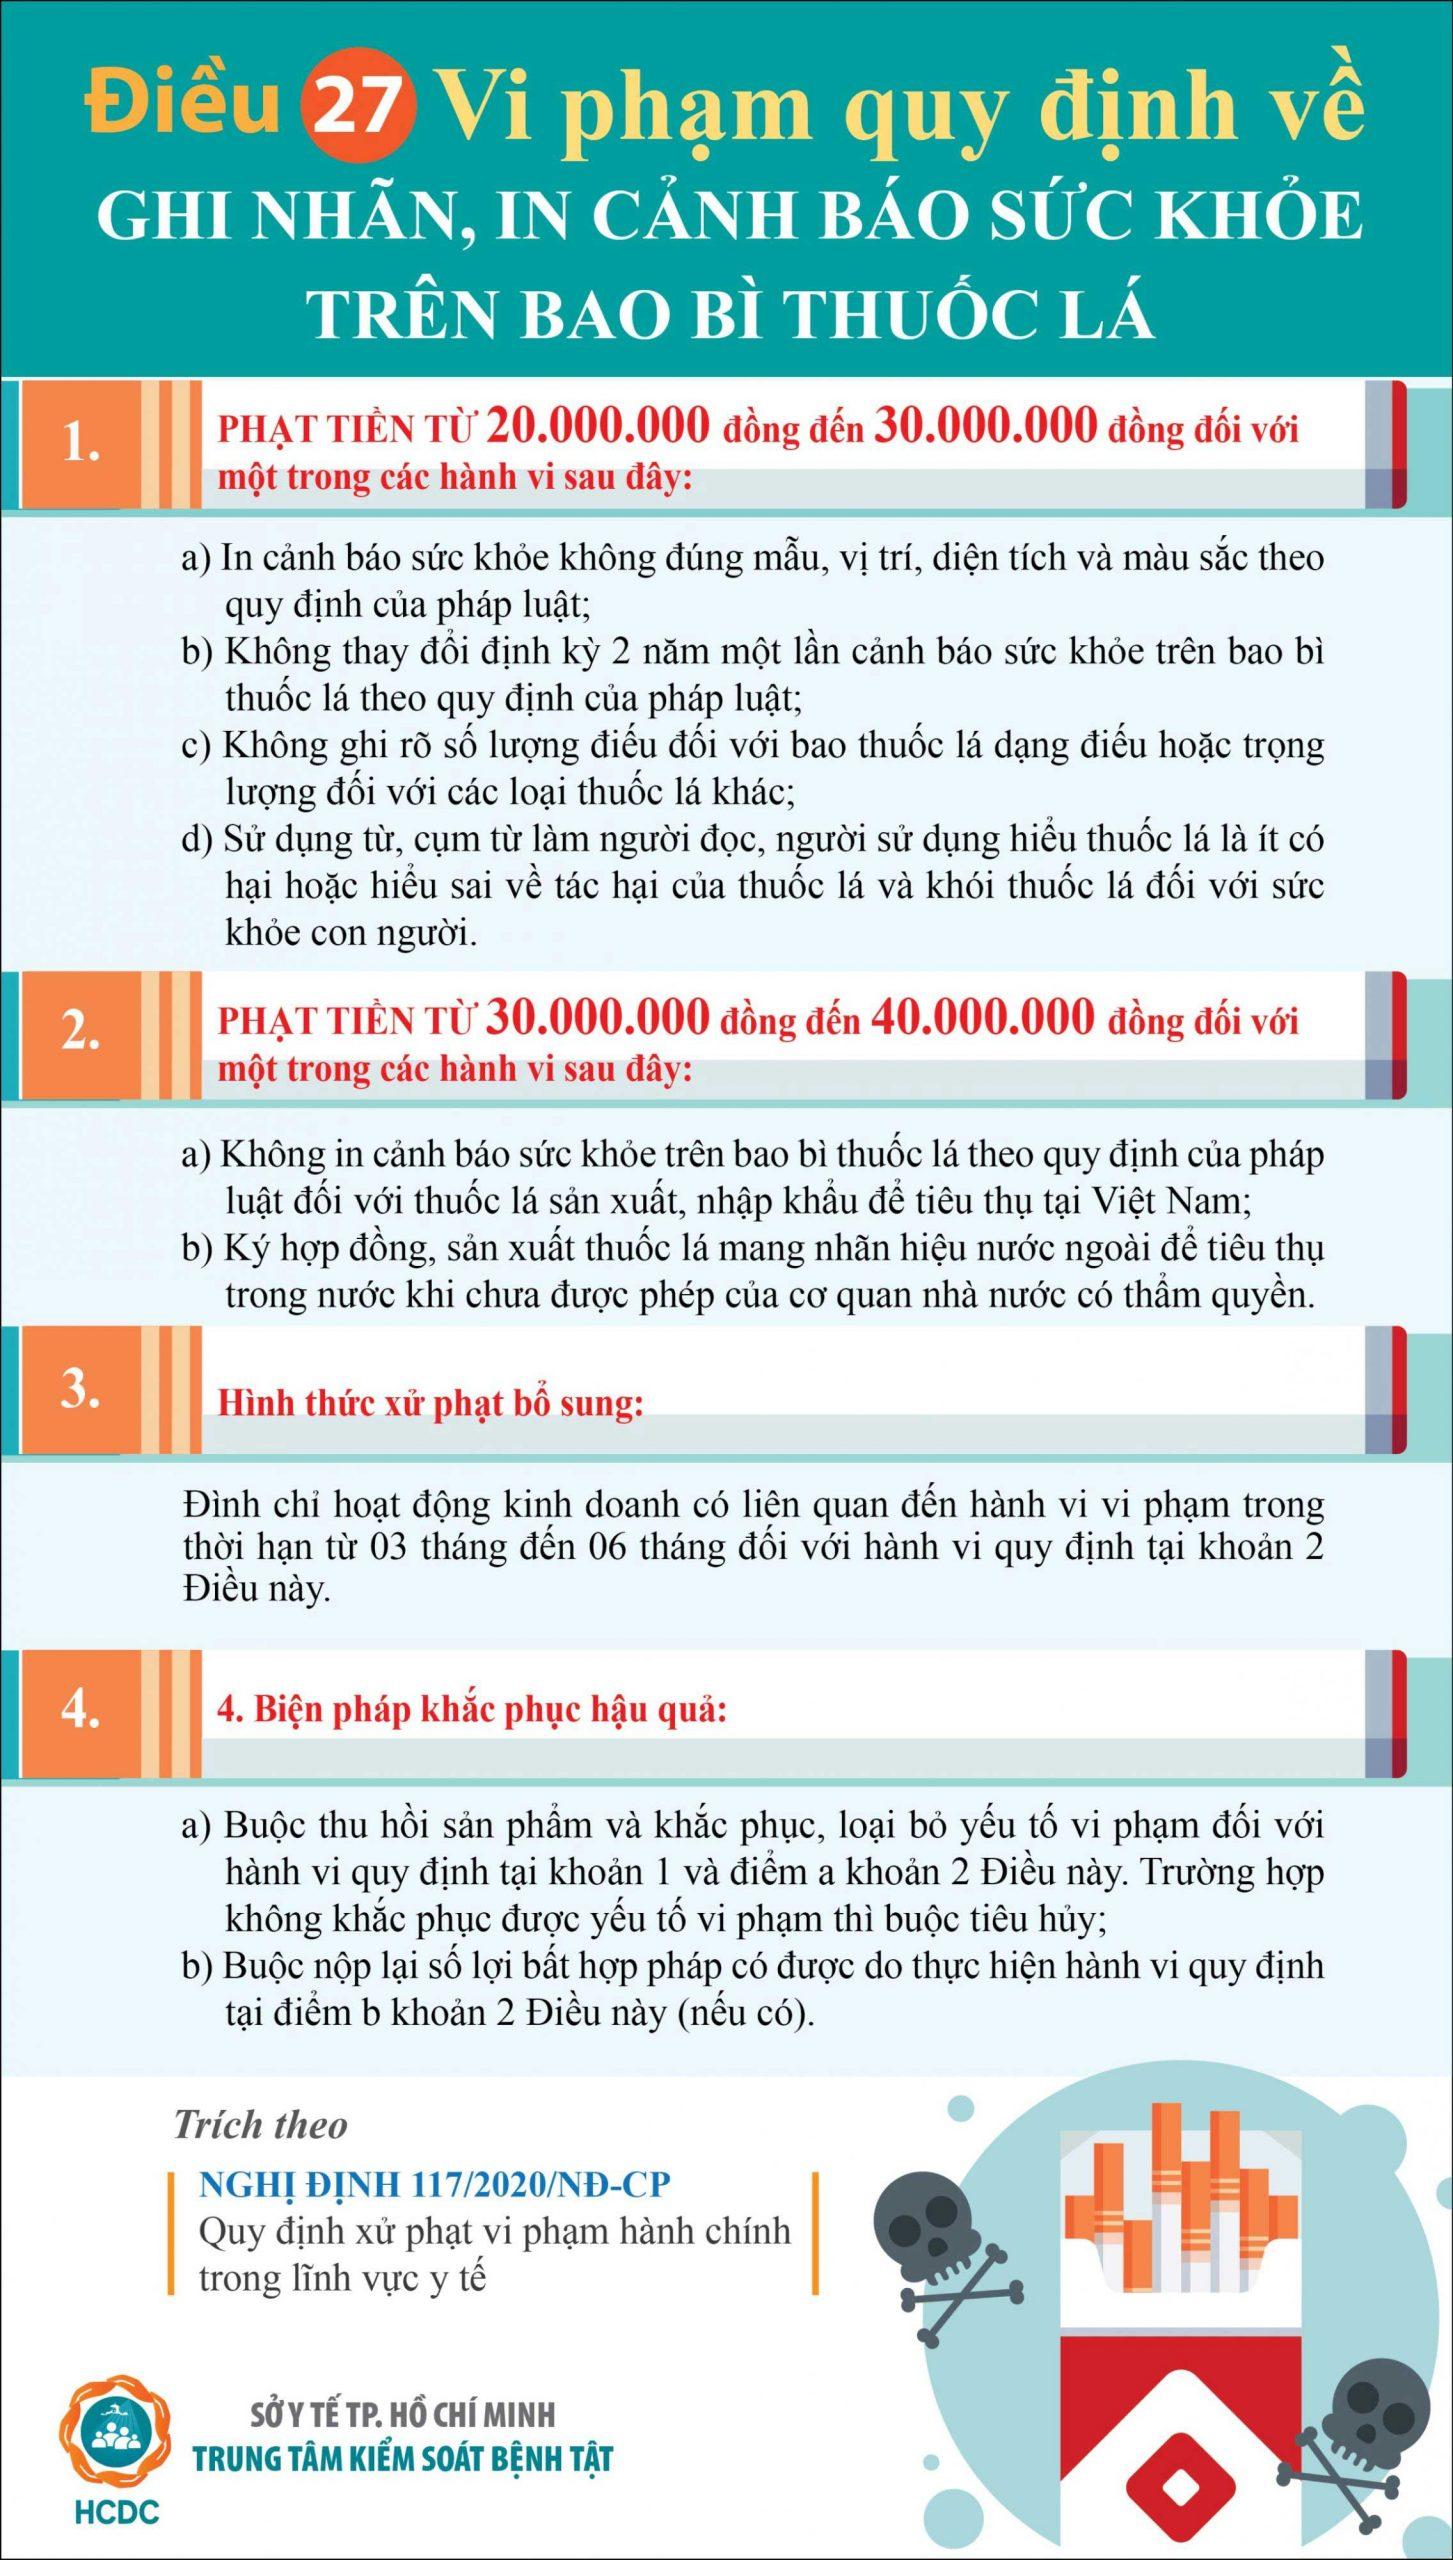 GHI NHÃN, IN CẢNH BÁO SỨC KHỎE TRÊN BAO BÌ THUỐC LÁ - taimuihongsg.com